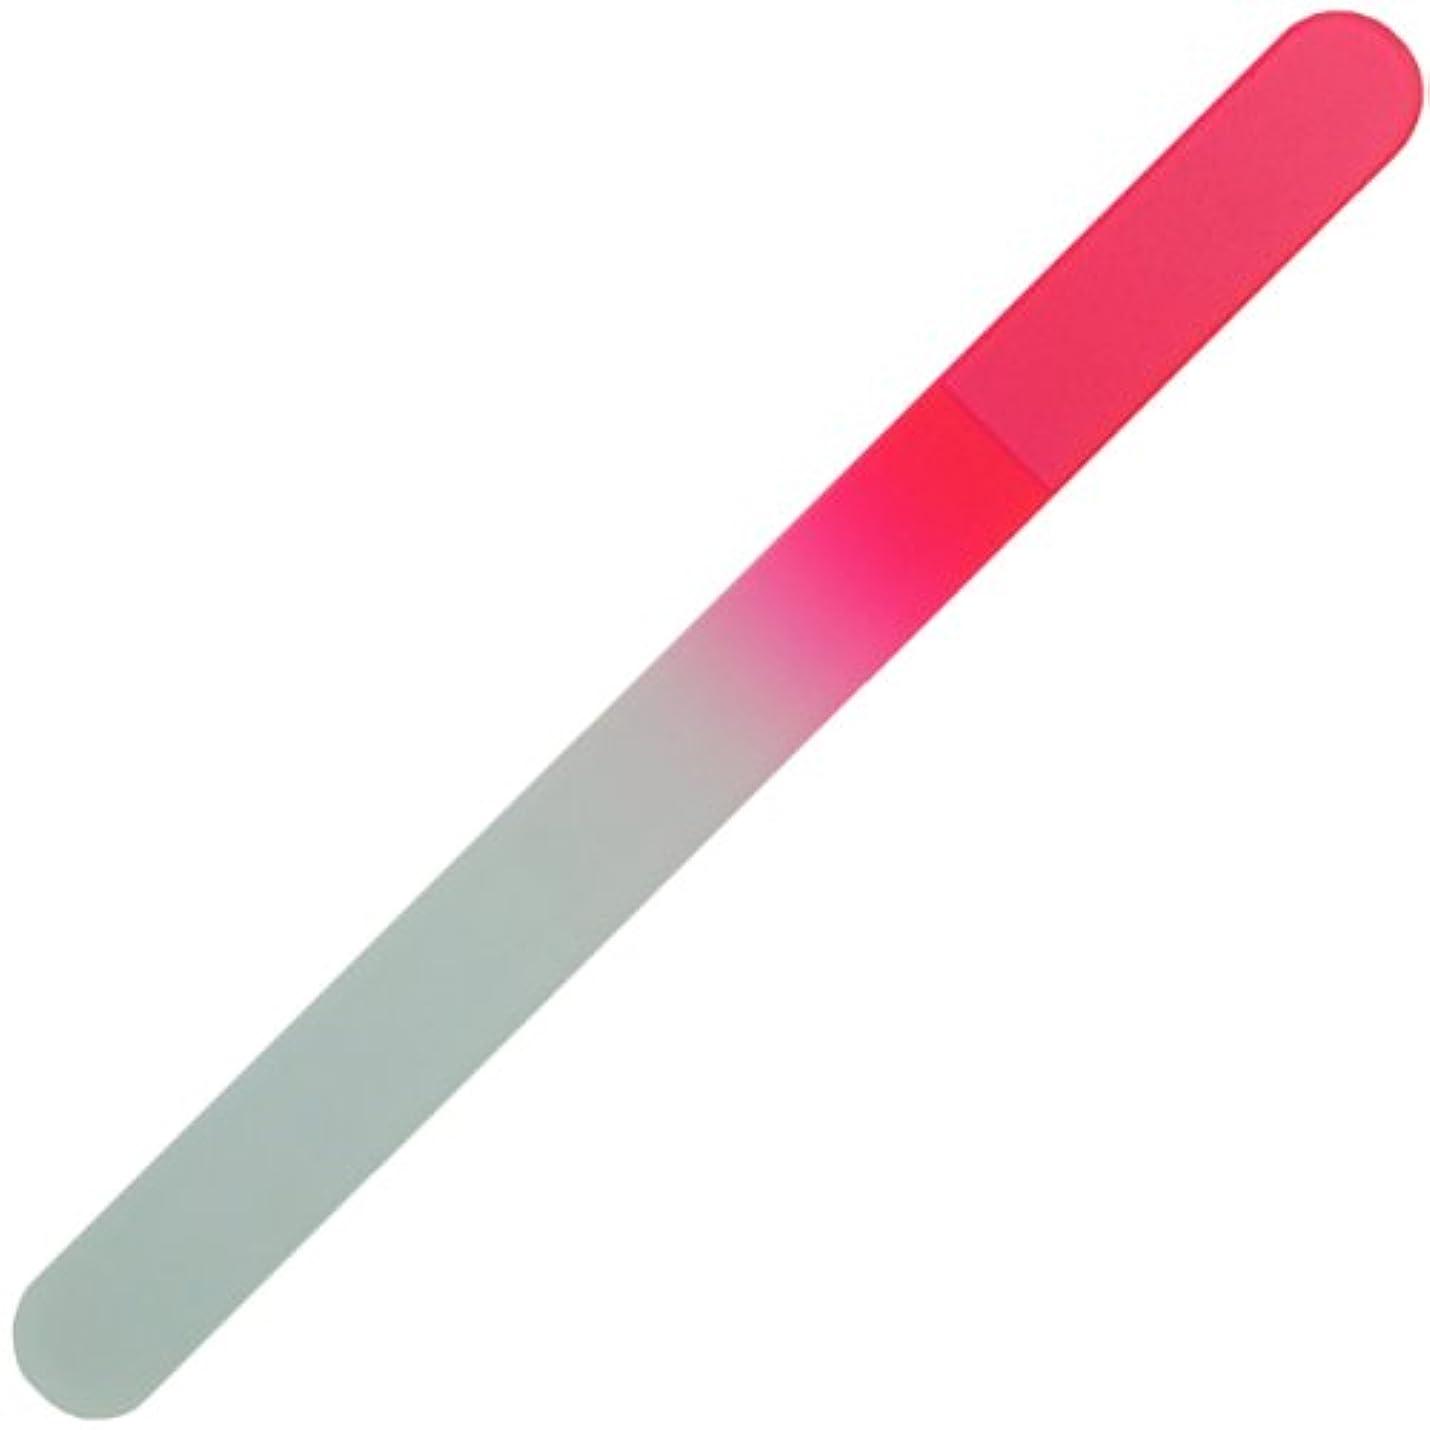 コカイン言うレキシコンチェコ の職人が仕上げた ガラス製 爪やすり 135mm 両面タイプ ピンク  (透明ソフトケース入り)